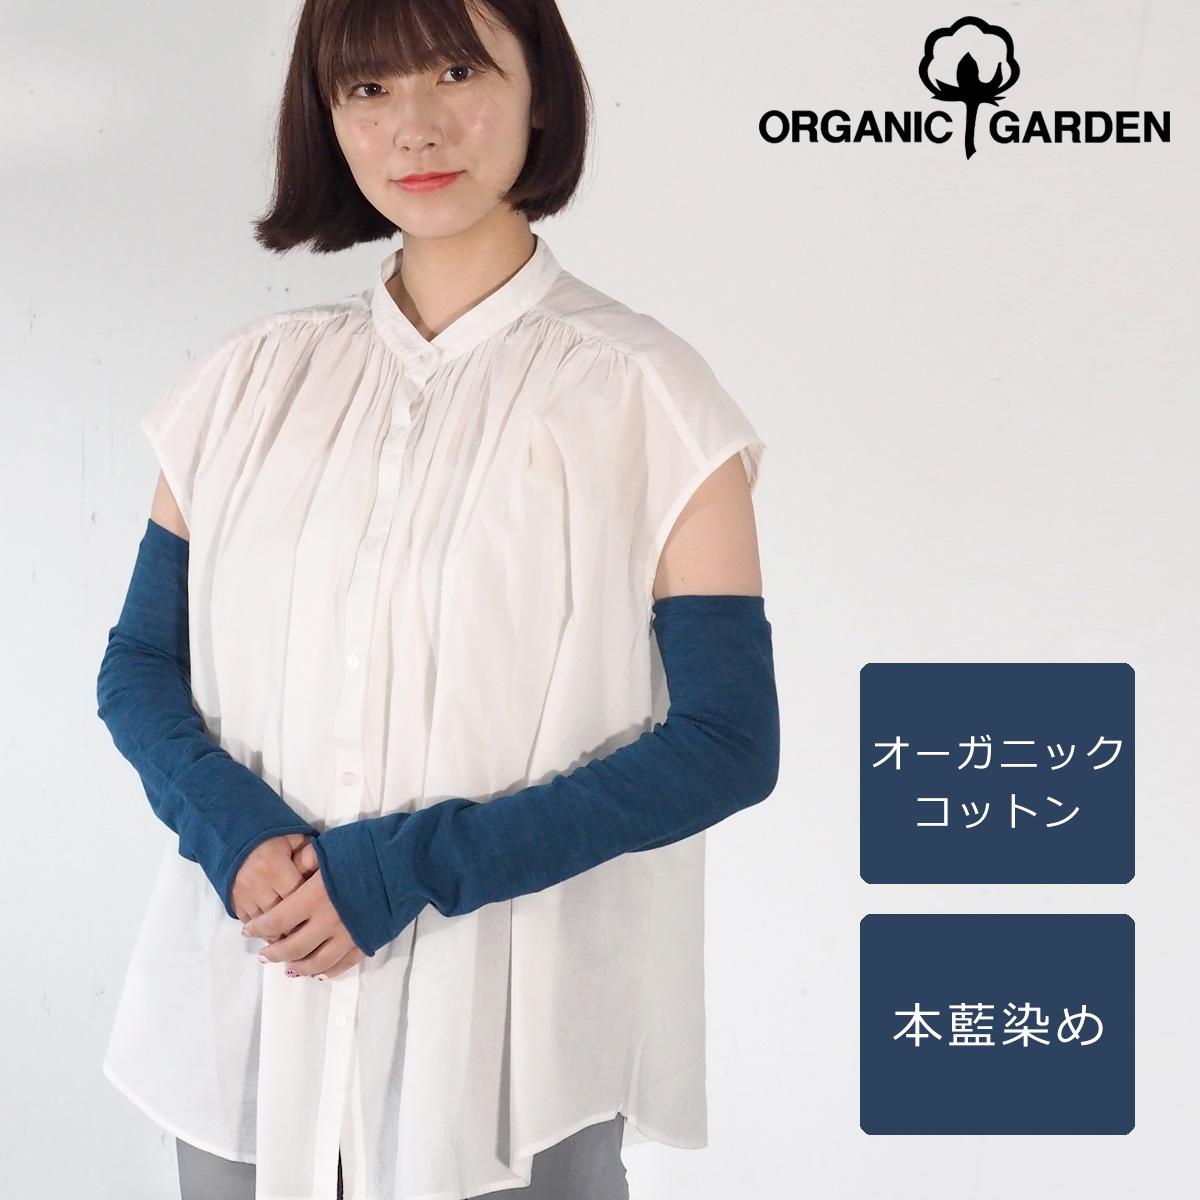 ORGANIC GARDEN(オーガニックガーデン) しめつけないアームカバー UVケア オーガニックコットン100% 藍染め レディース [NS8846]